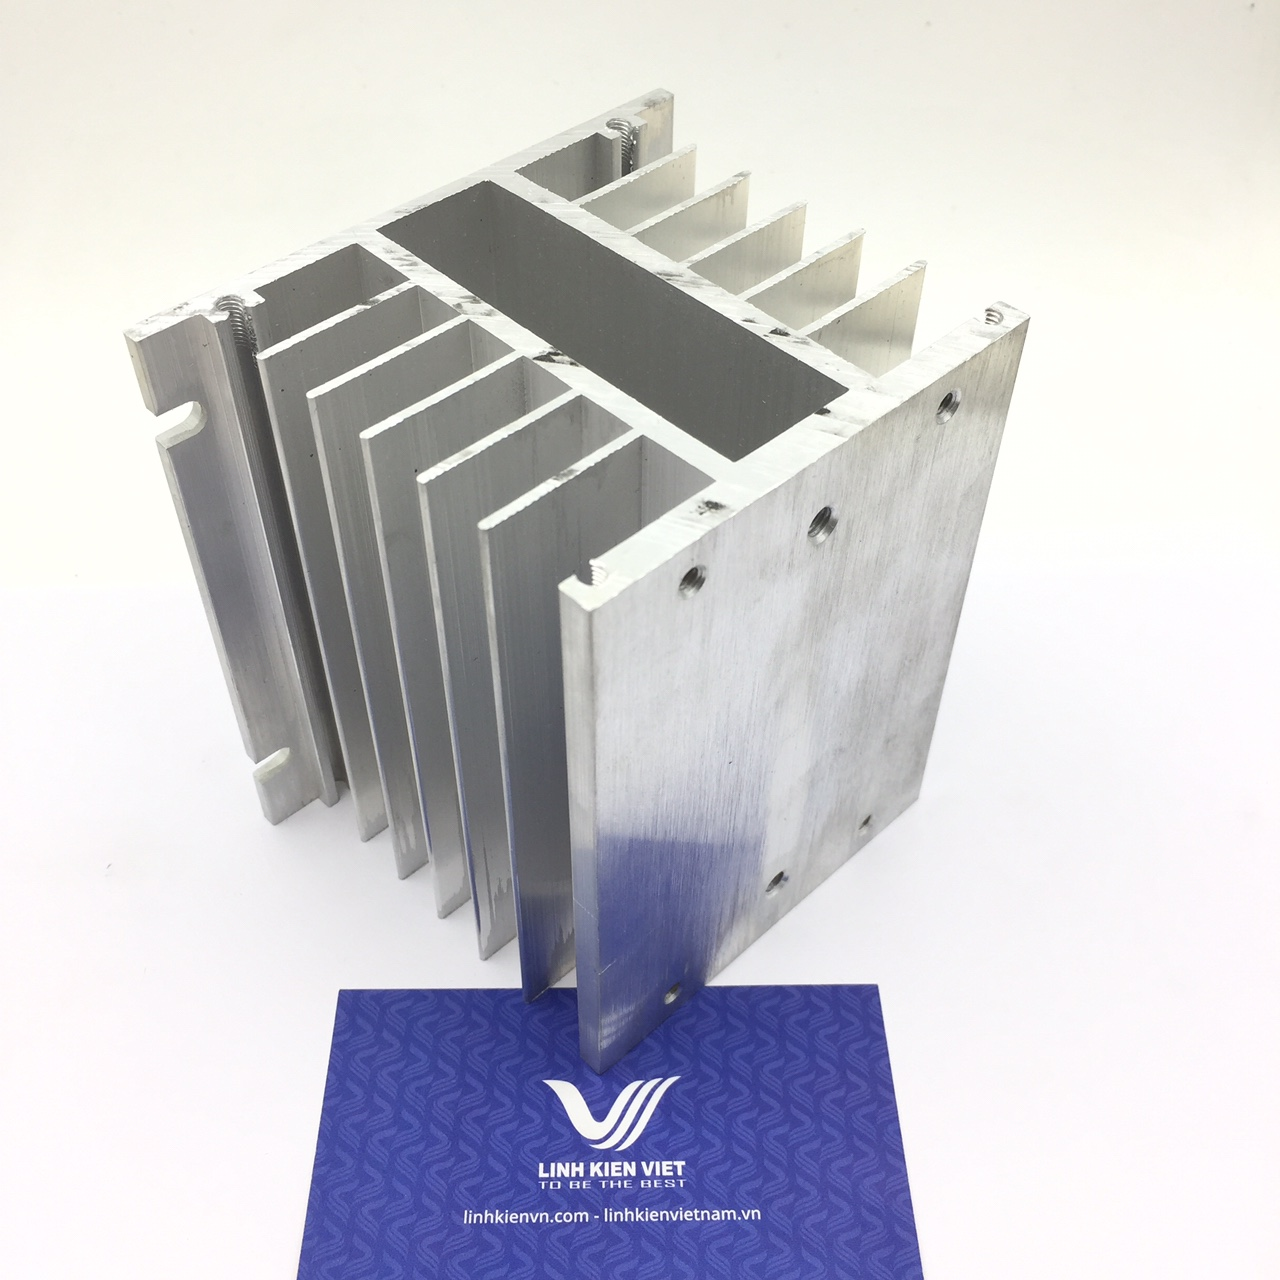 Tản nhiệt cho Relay bán dẫn 3 pha và SSR 200A